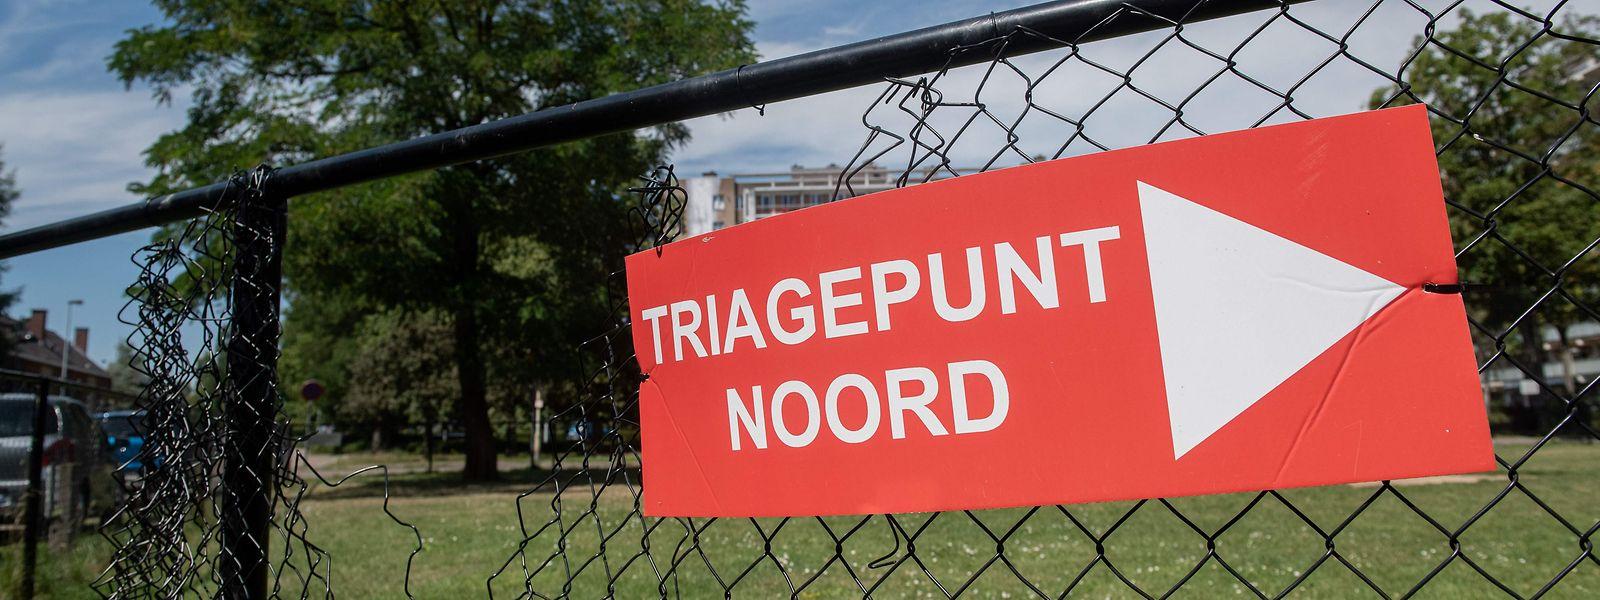 La ville d'Anvers a ouvert ce lundi son propre «village test» pour faire face au manque de structures mises en place pour la réalisation des tests.